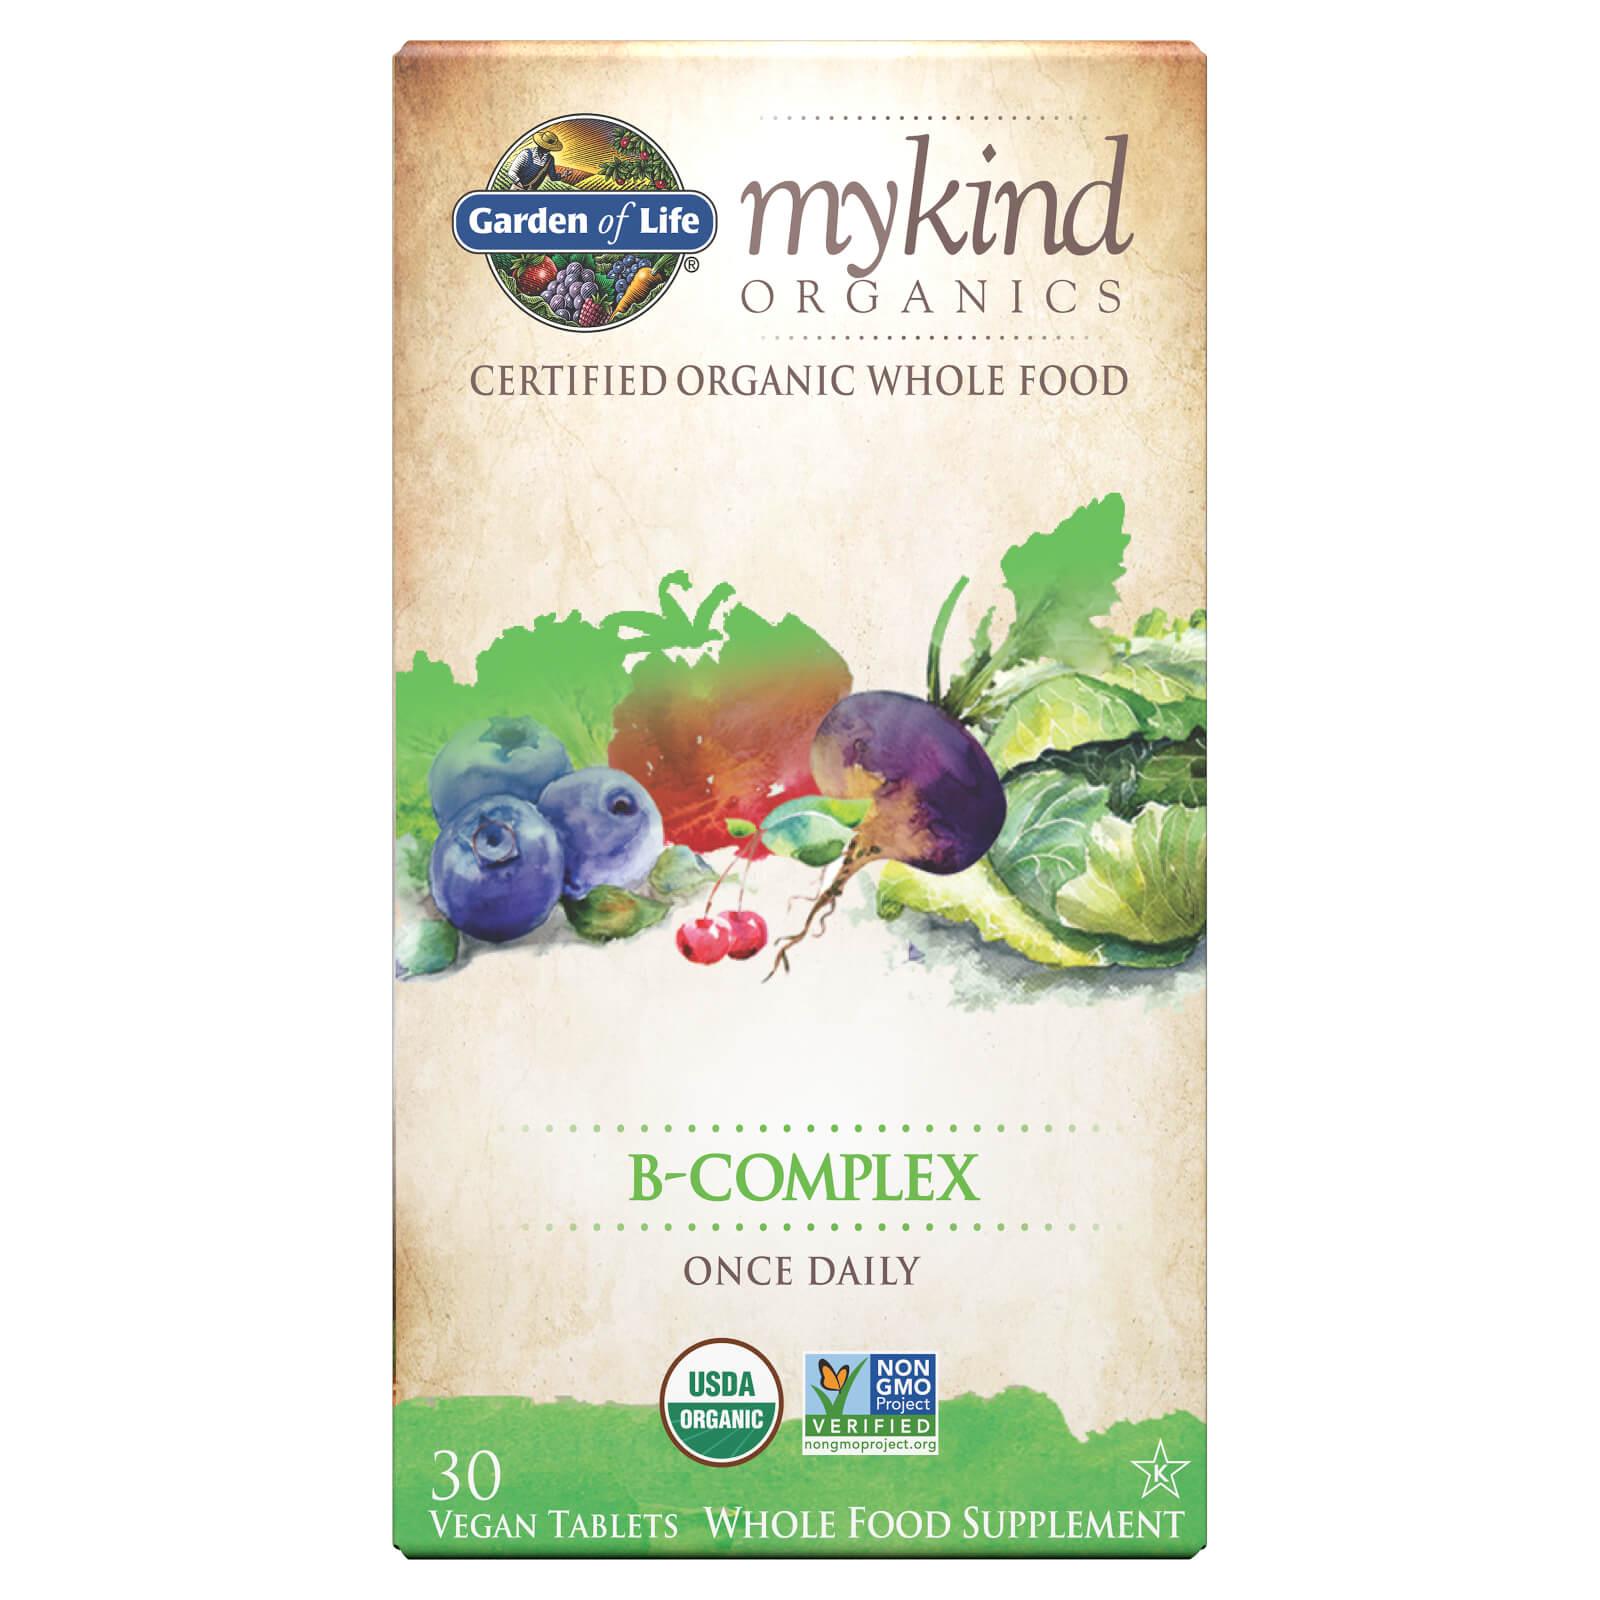 mykind Organics B-Complex - 30 tabletten